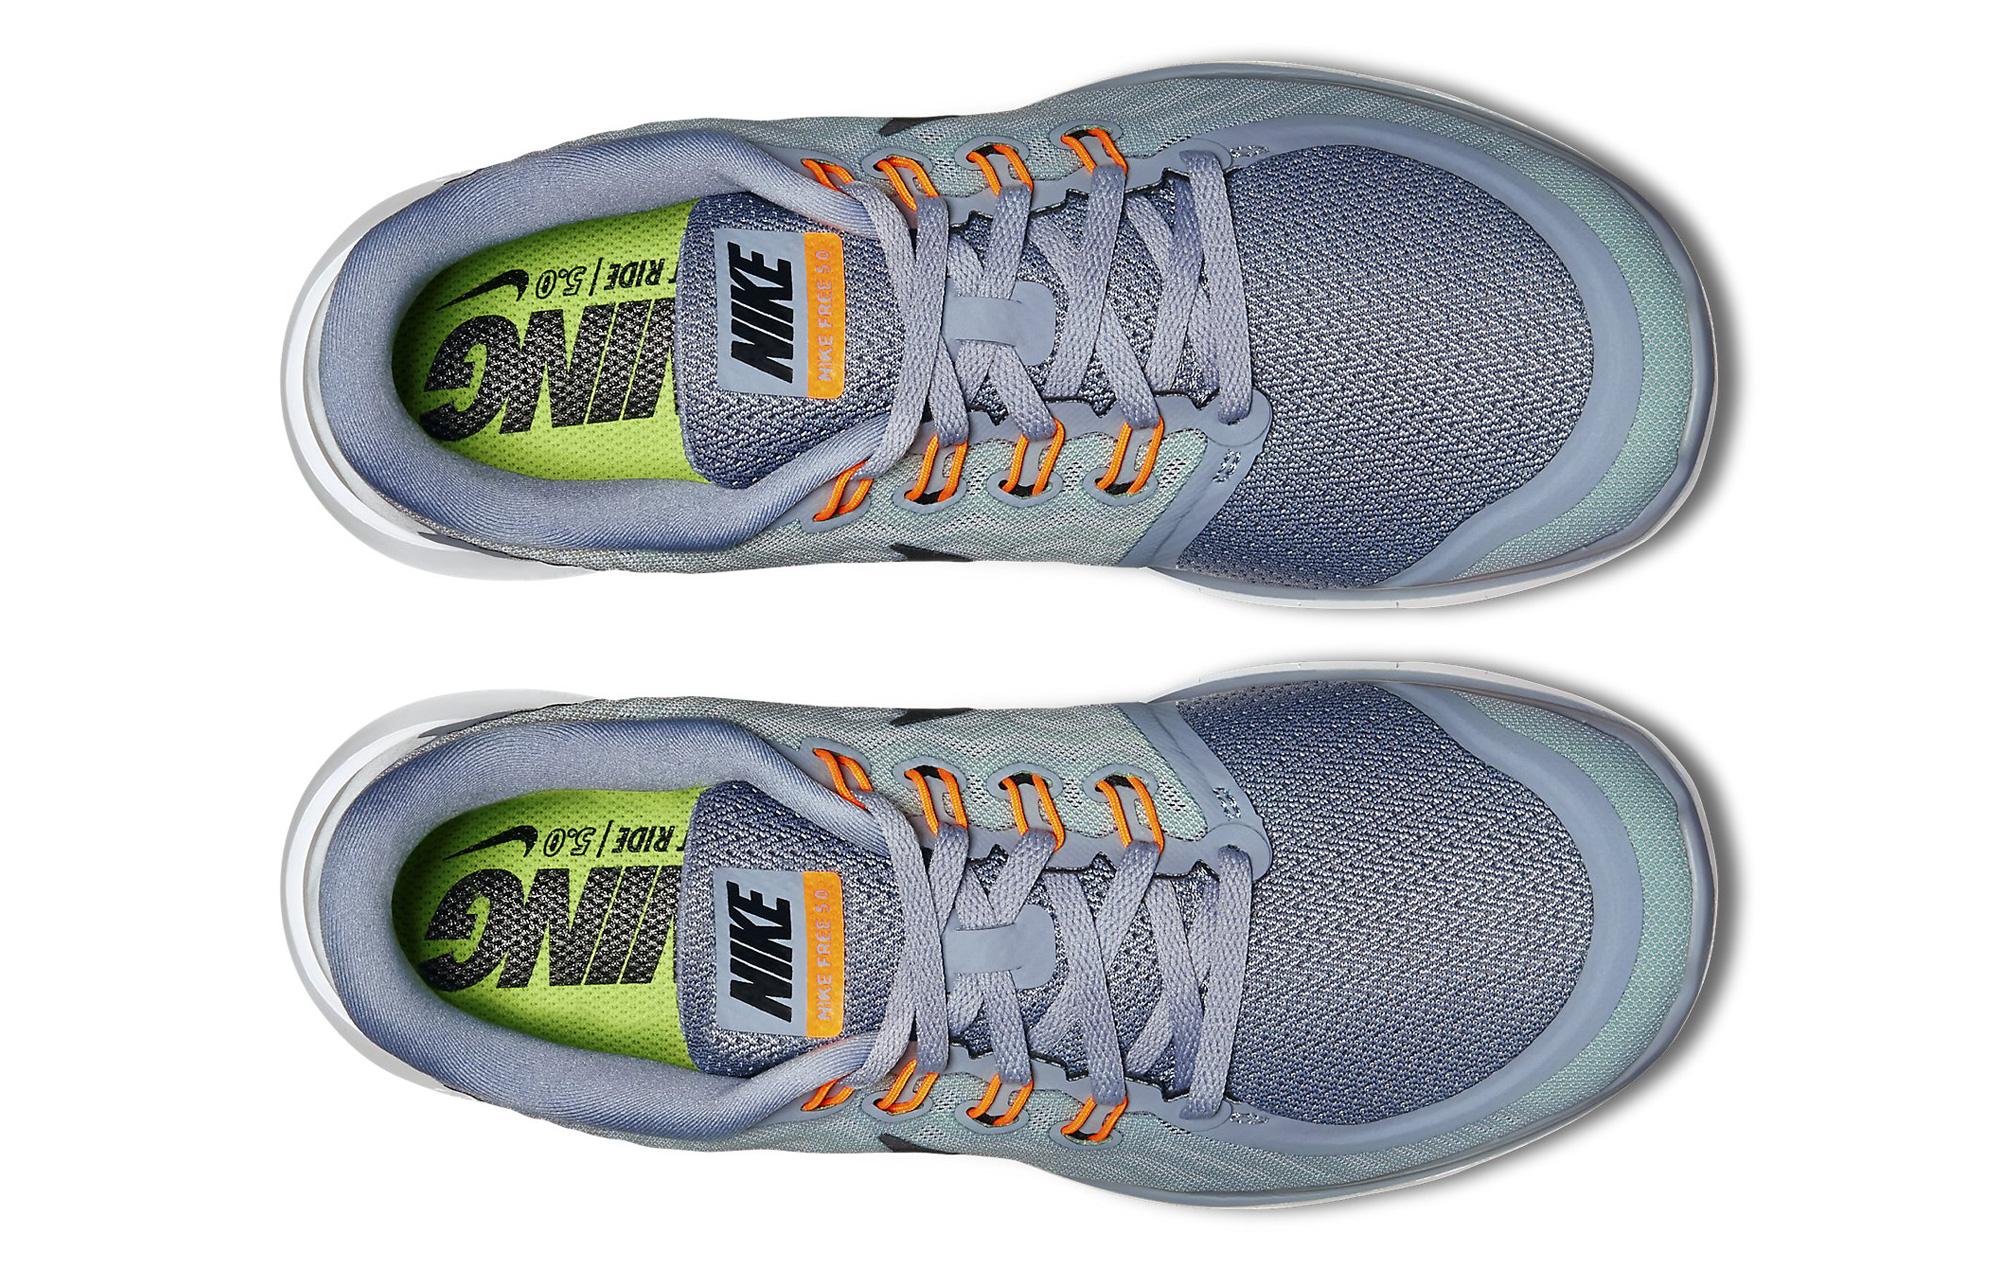 dove grey/black/electric green/volt